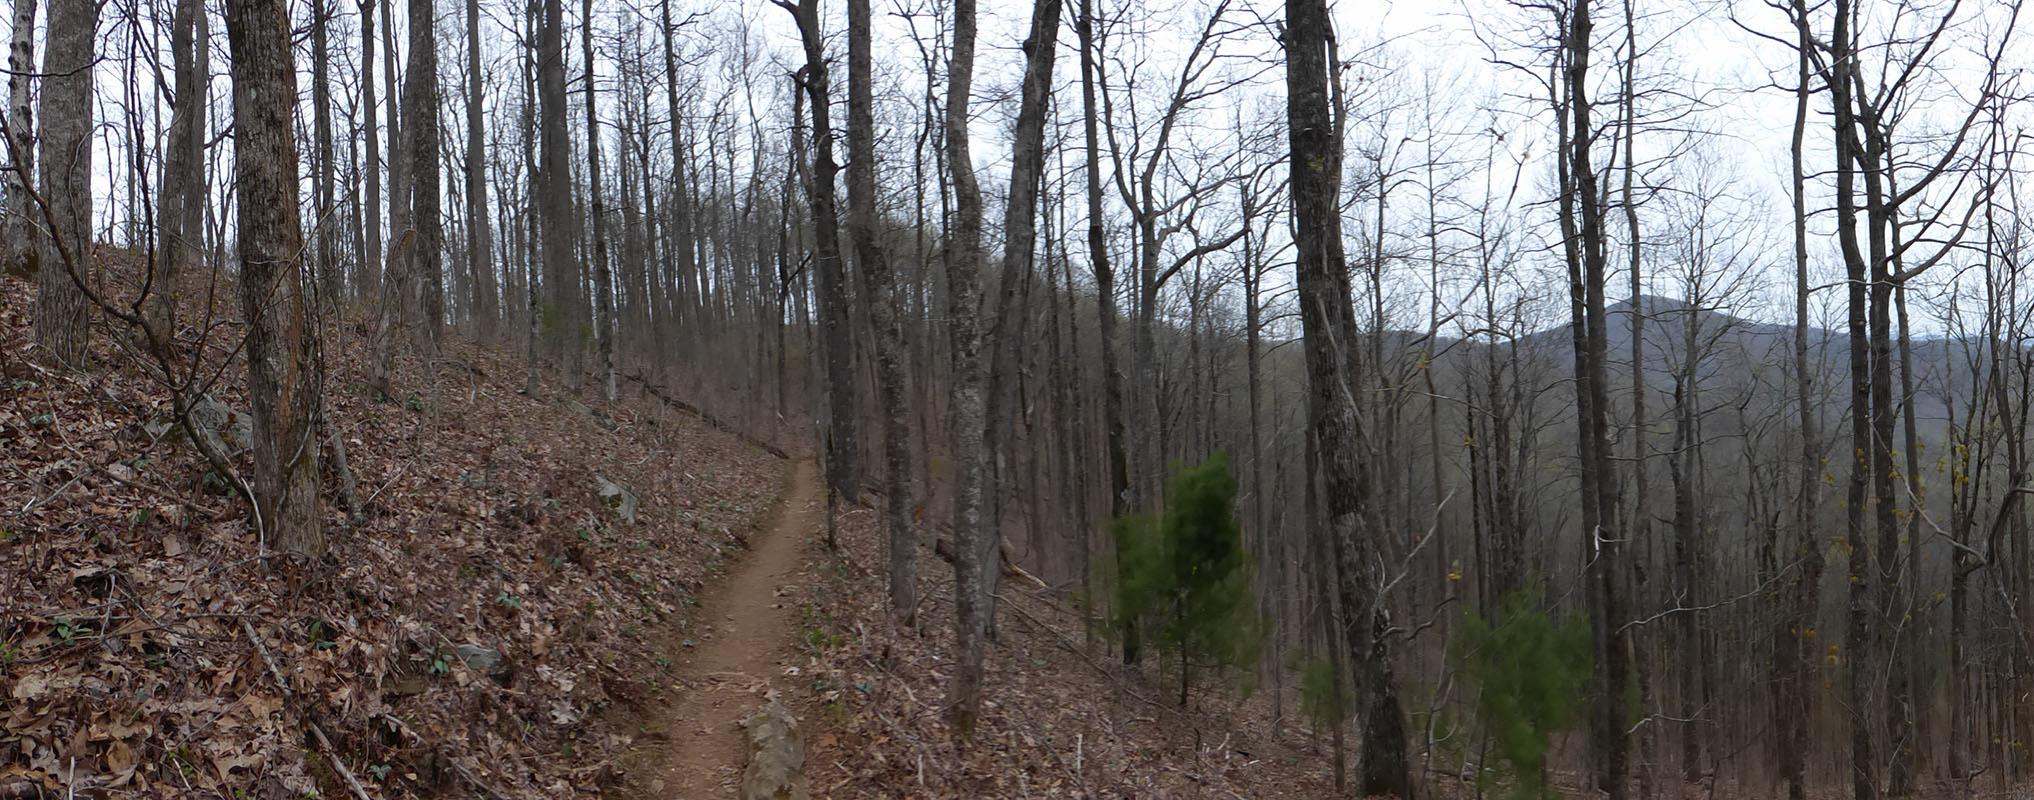 Approach Trail, Georgia